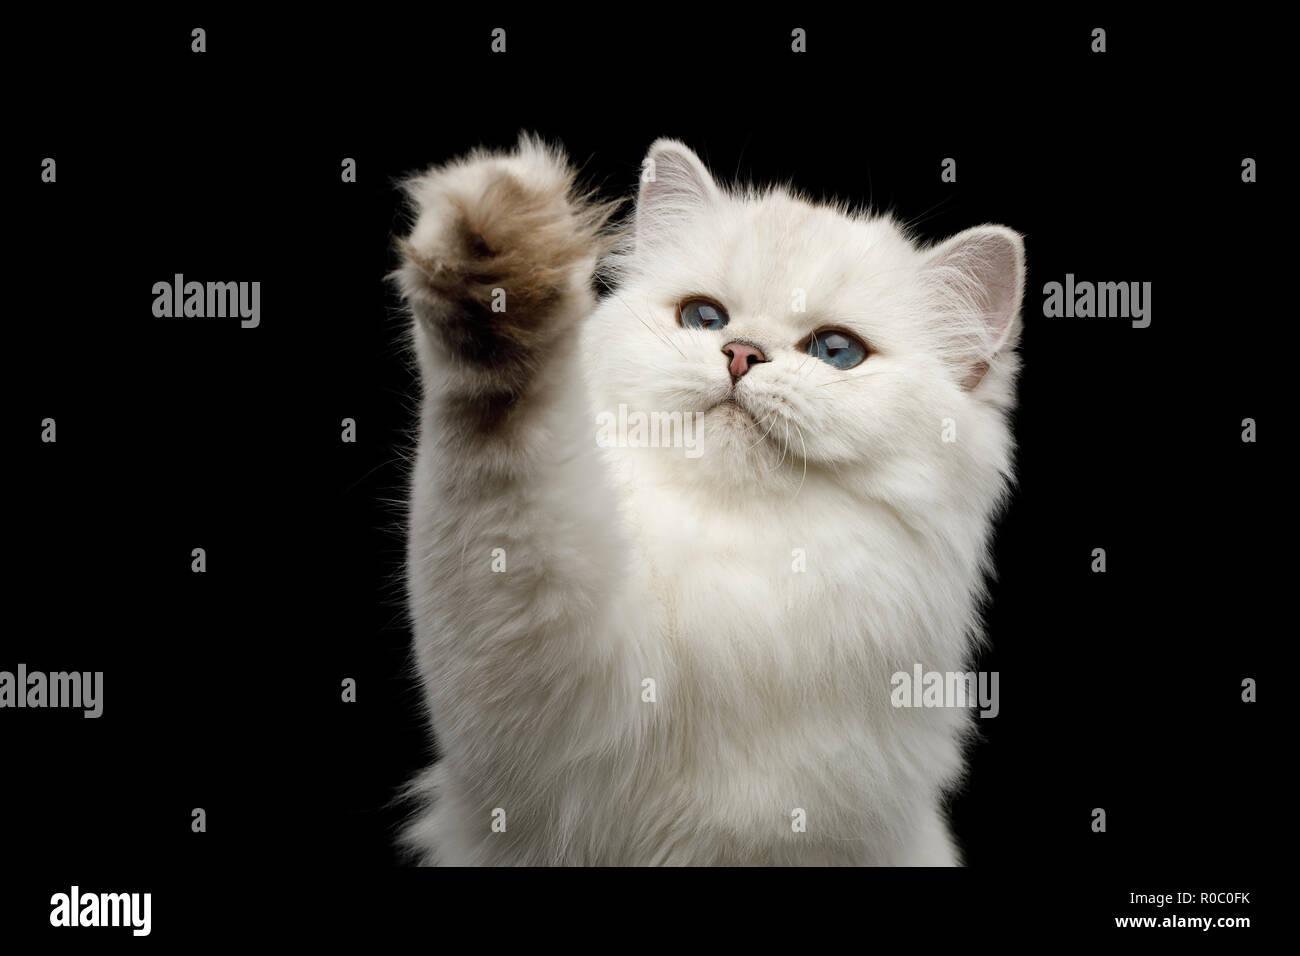 Portrait von Furry britischen Rasse Katze der Farbe Weiß mit blauen Augen, die Pfote auf Isolierte schwarze Hintergrund, Vorderansicht Stockbild